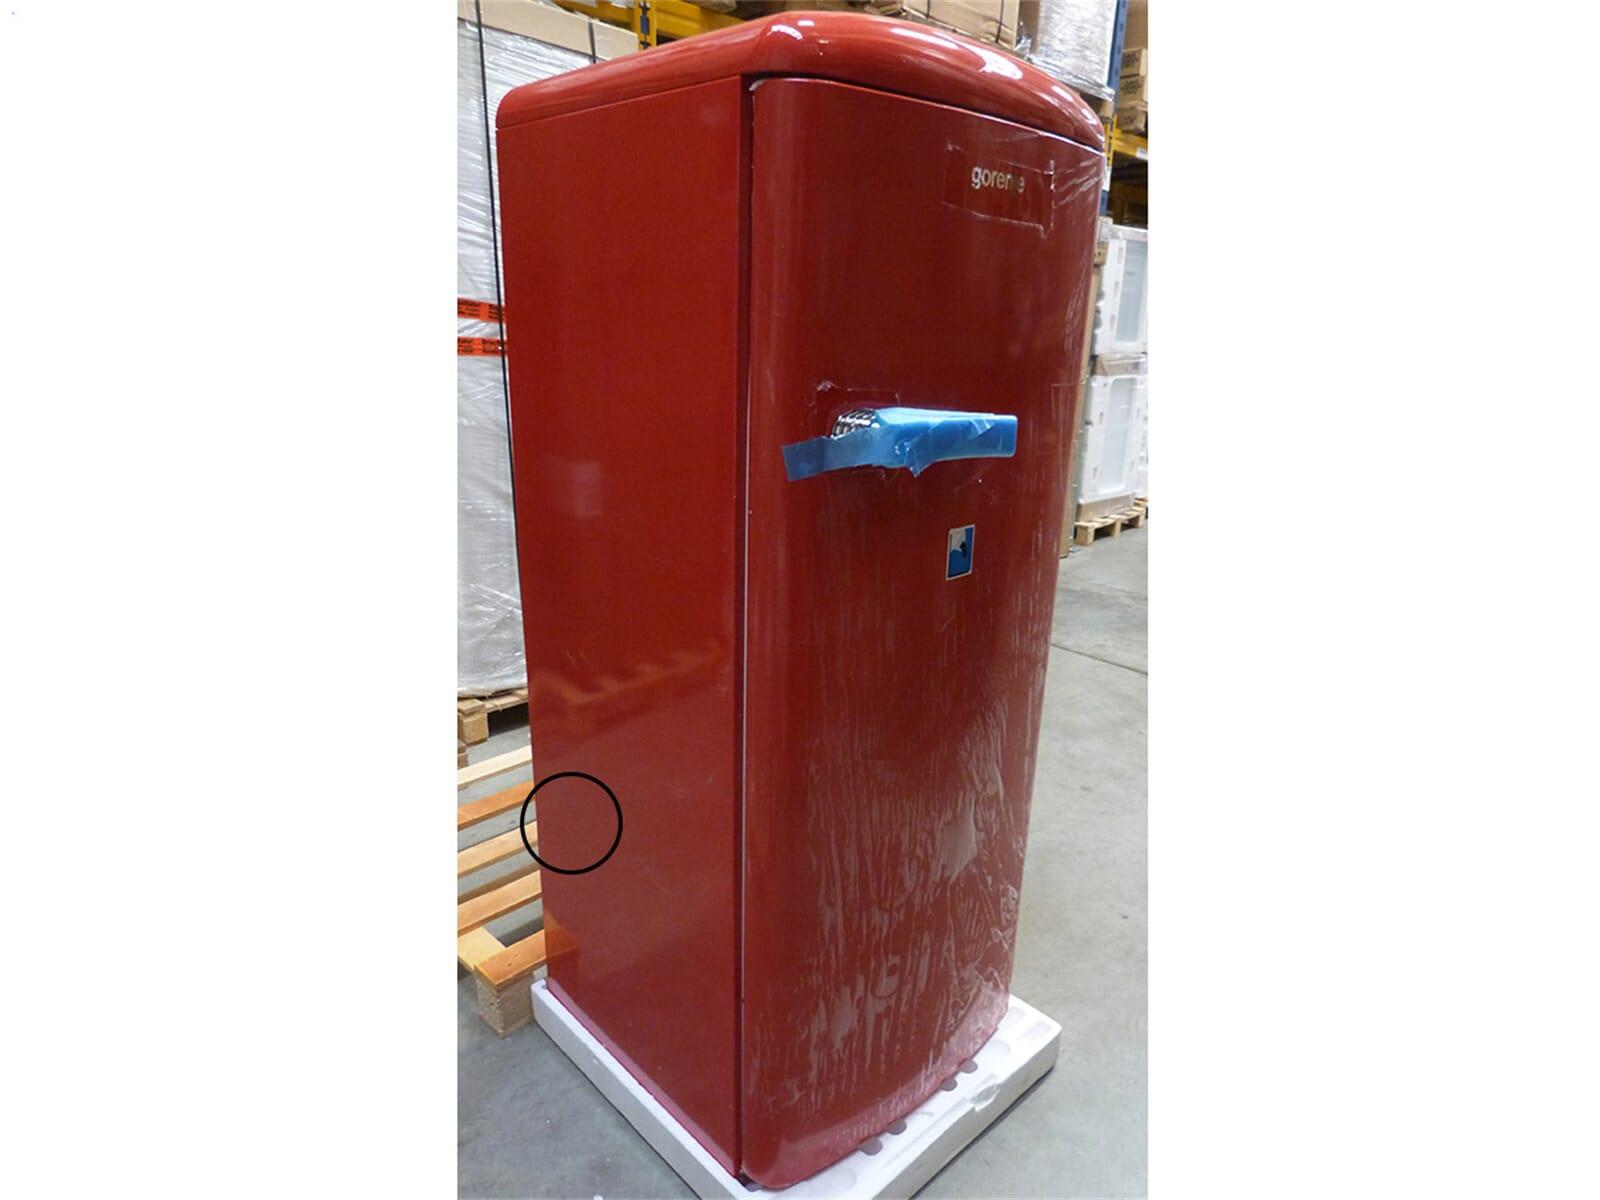 Gorenje Kühlschrank Ohne Gefrierfach : Retro kühlschrank ohne gefrierfach gorenje orb xl